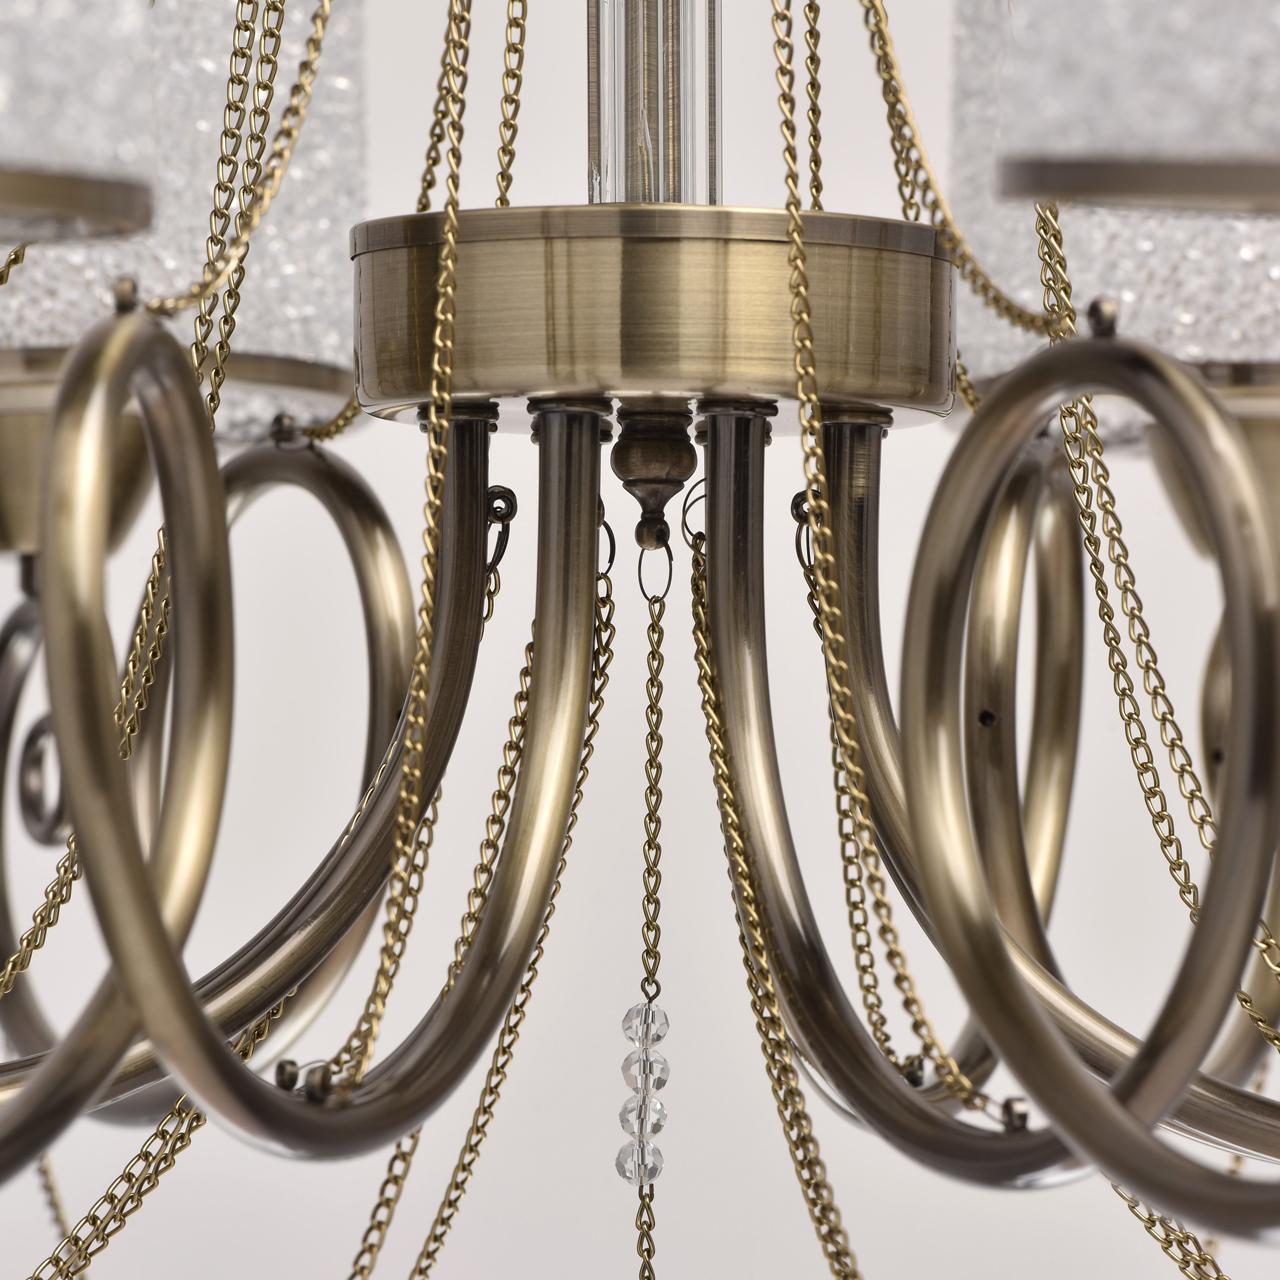 металлические люстры фото рублях